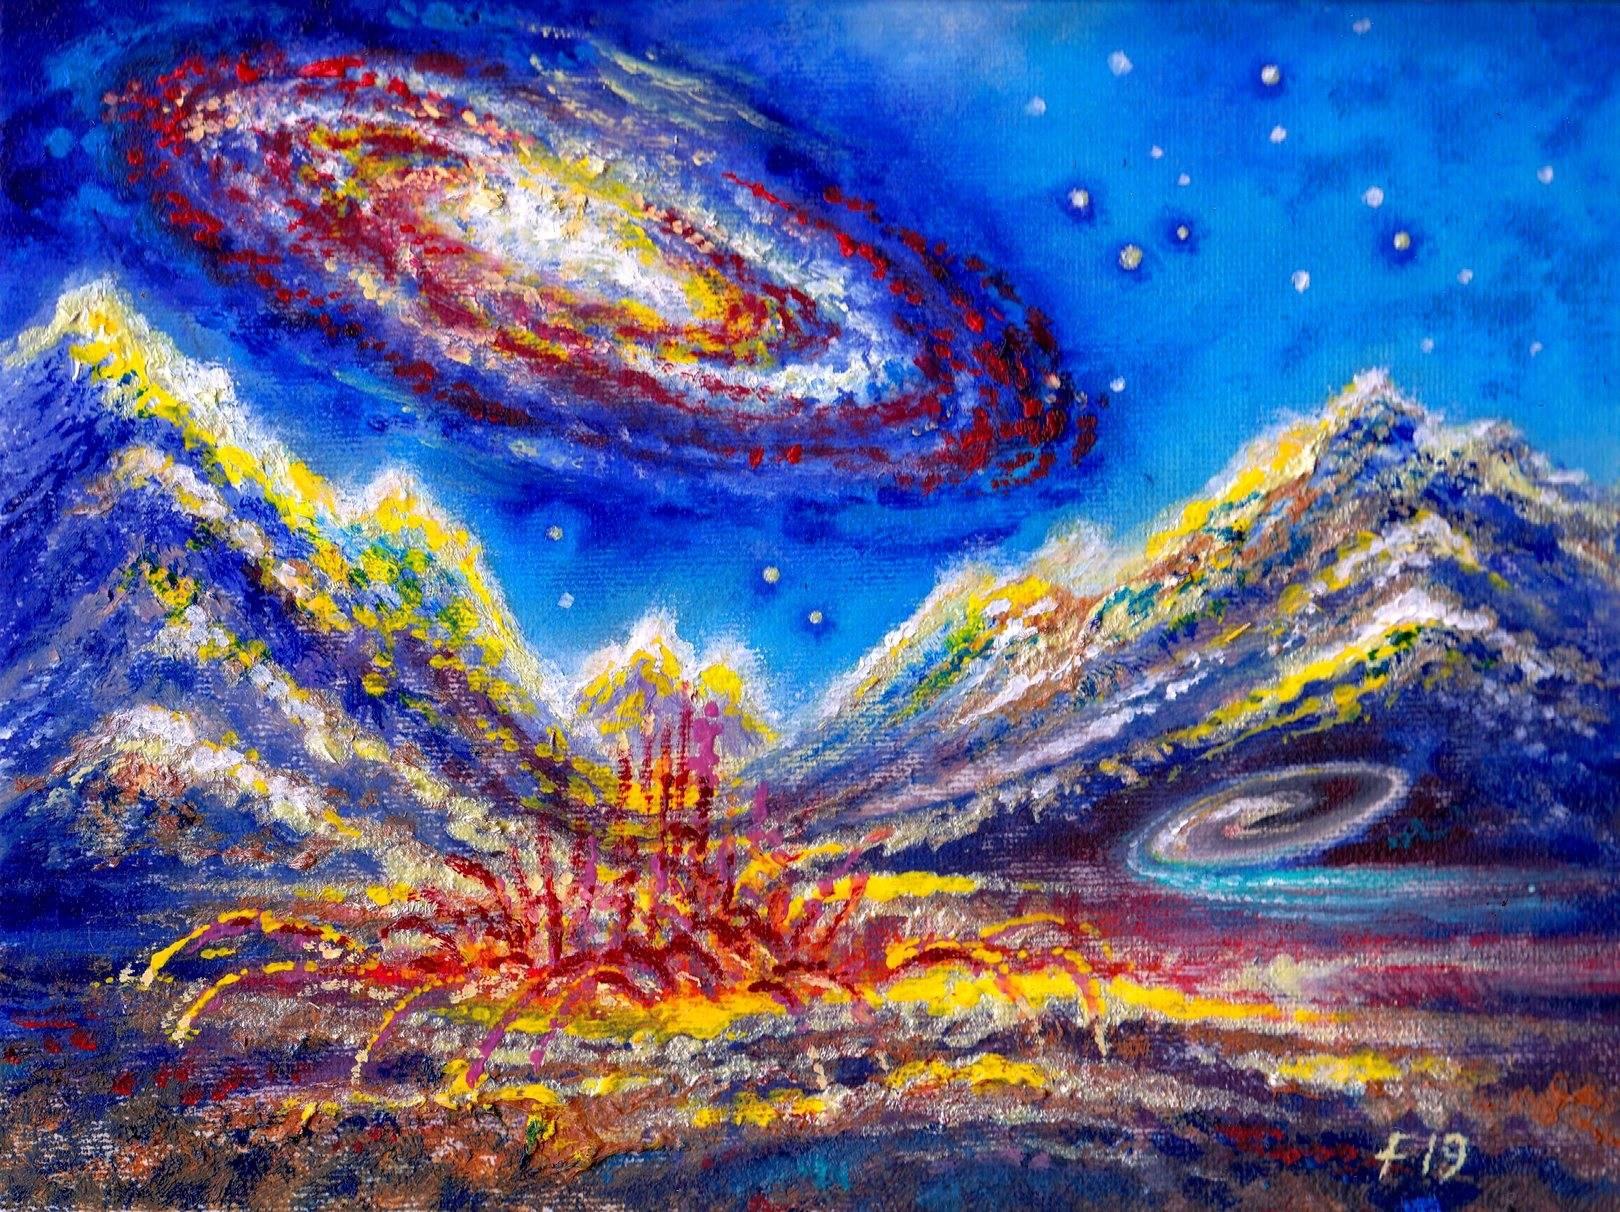 Галактический пейзаж с НЛО и неизвестной формой жизни.